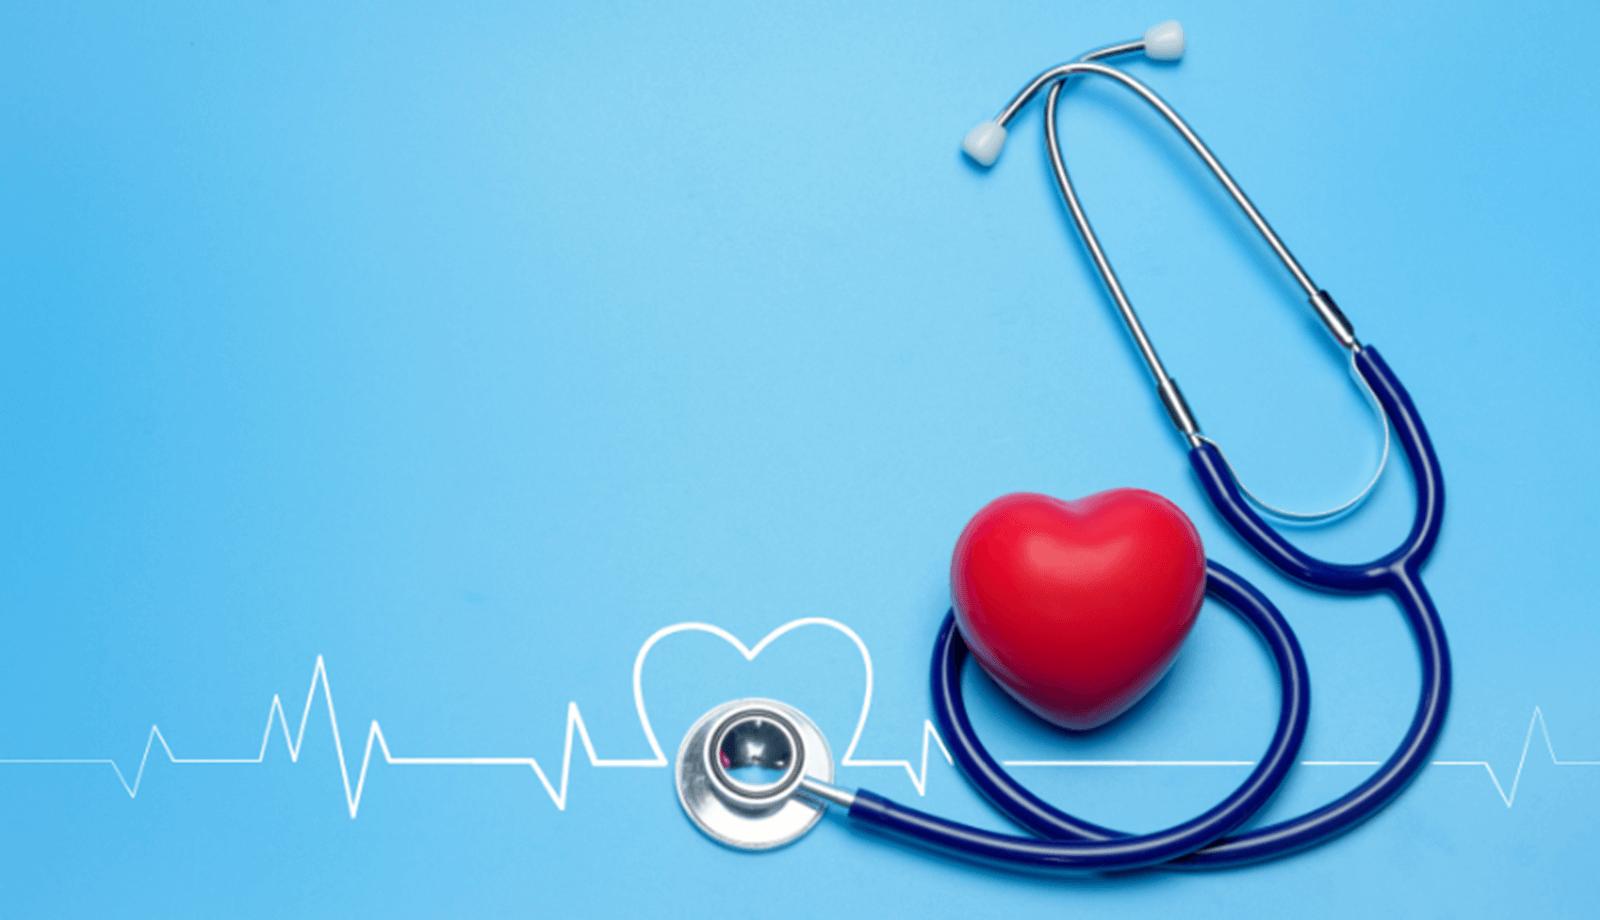 2 fokos magas vérnyomás szívkárosodással laktáció és magas vérnyomás kezelés